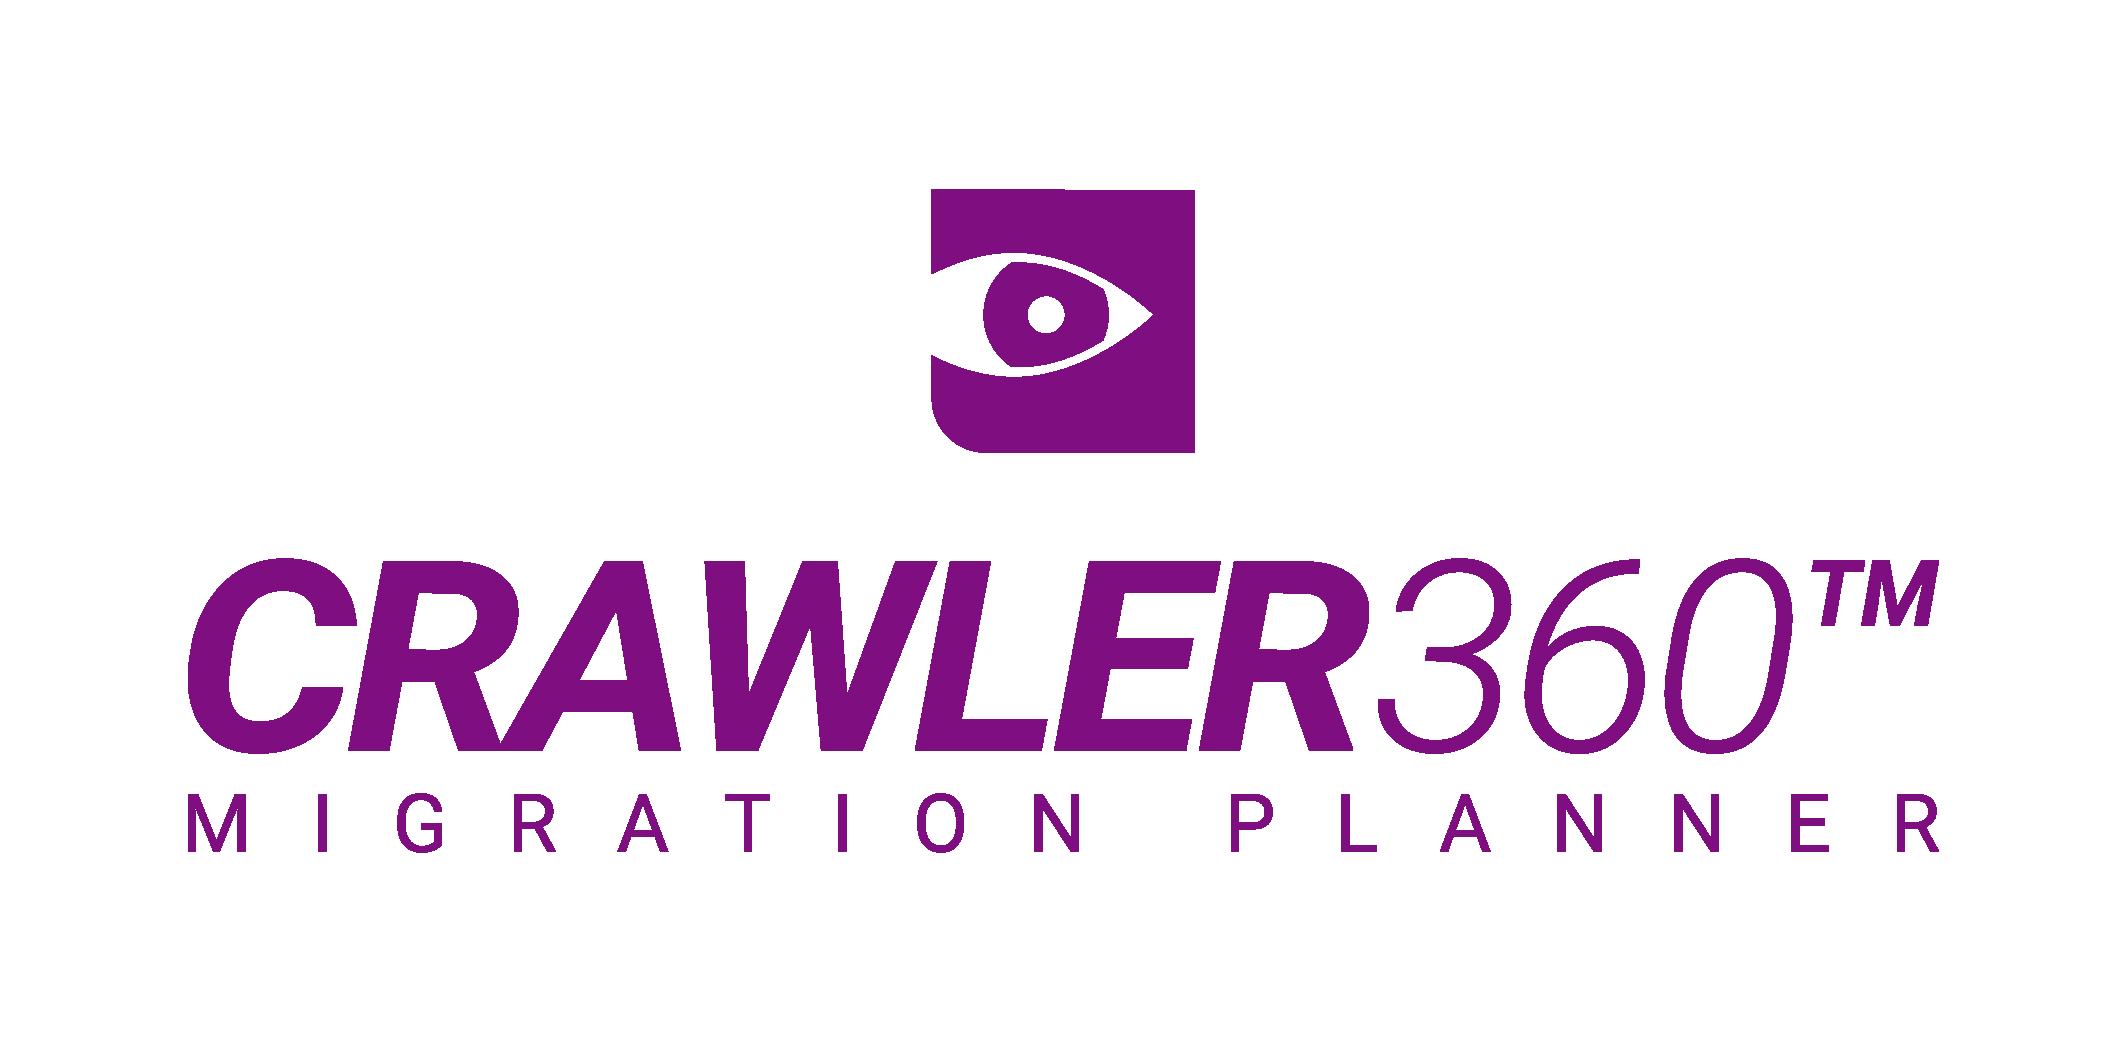 Crawler360 LOGO_MAIN_Transparent